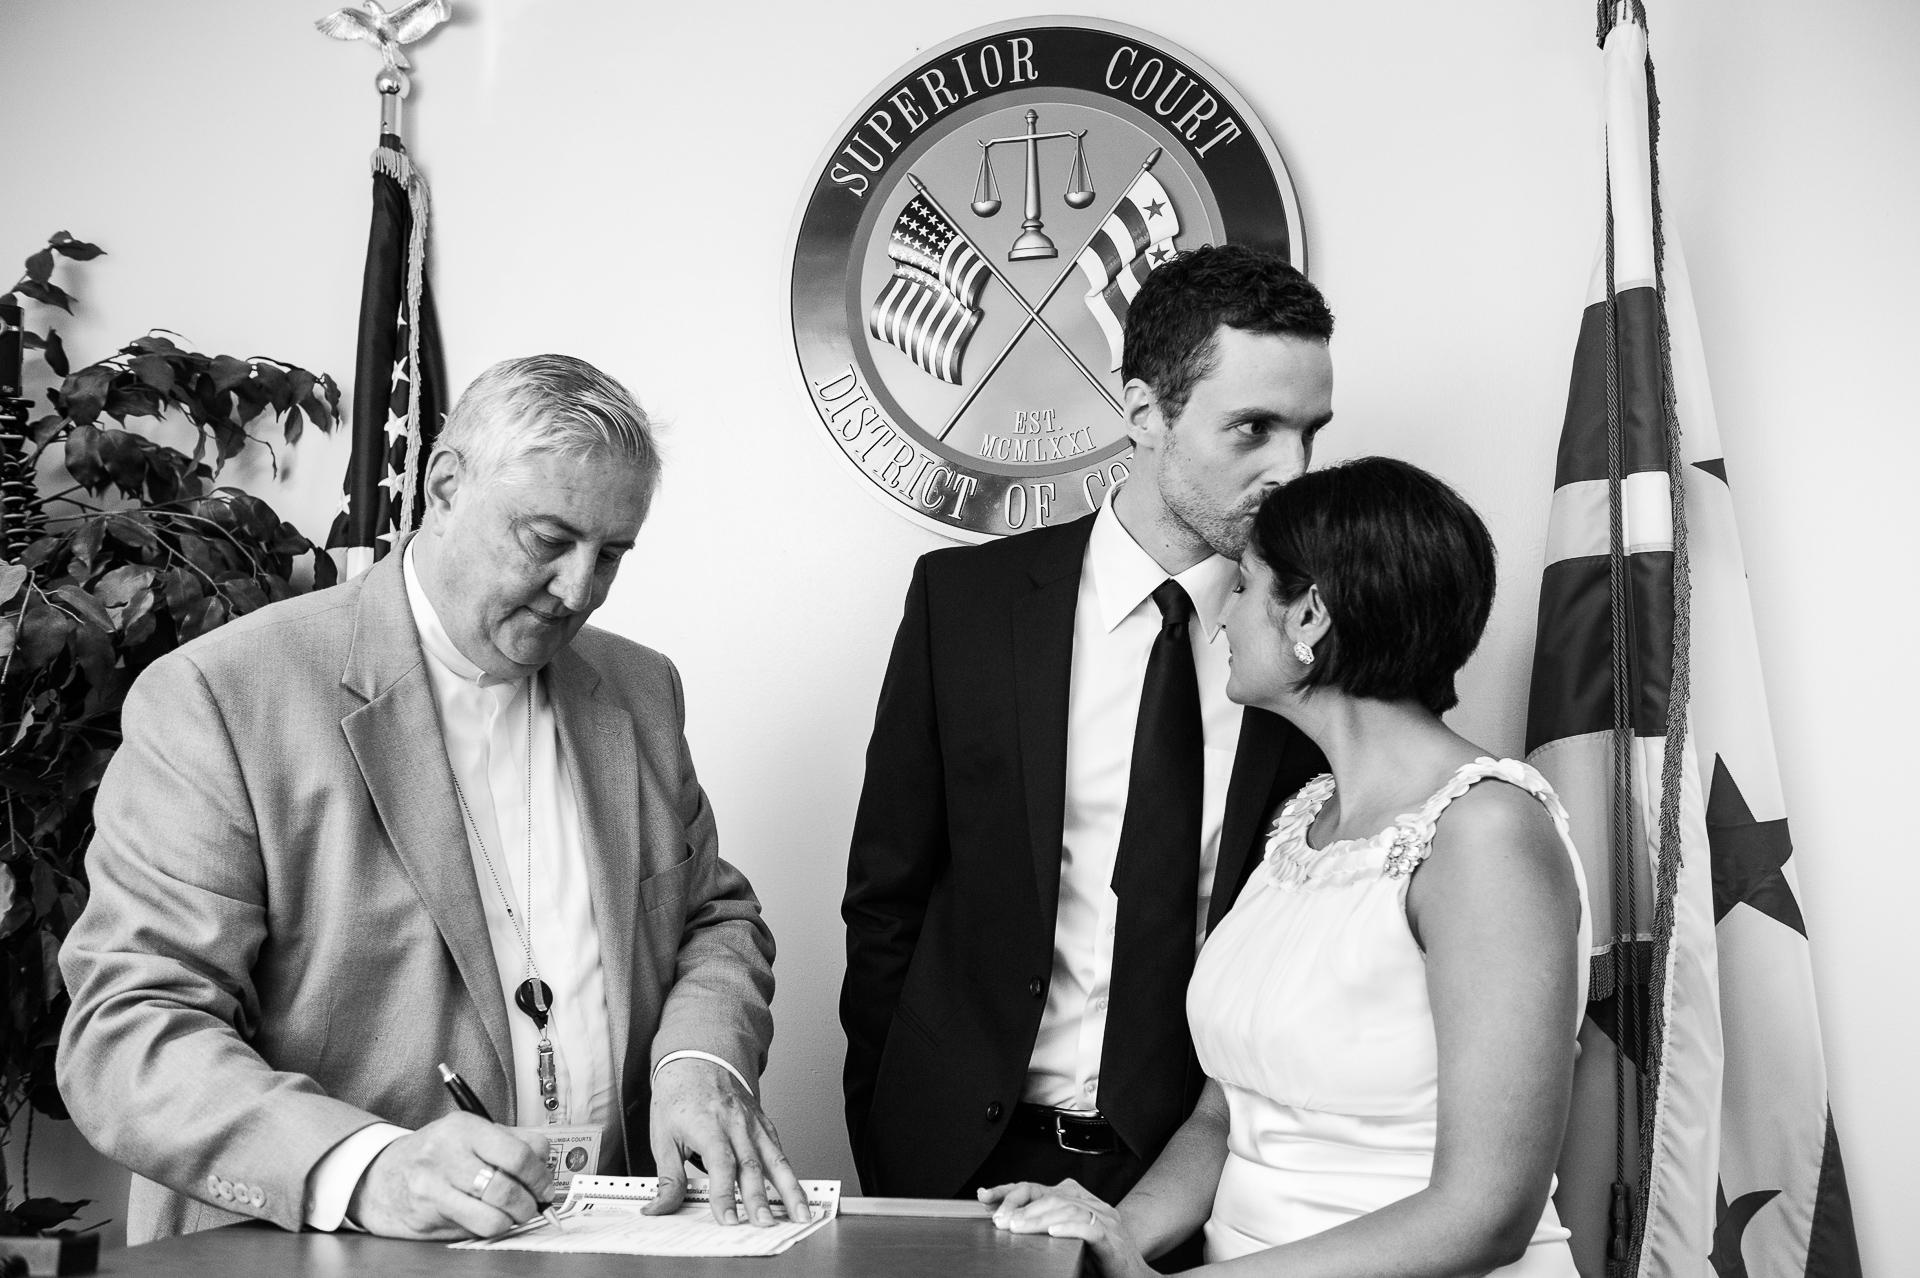 Imagen de BW de la Corte Superior de DC, Boda en Washington | Unas pocas palabras